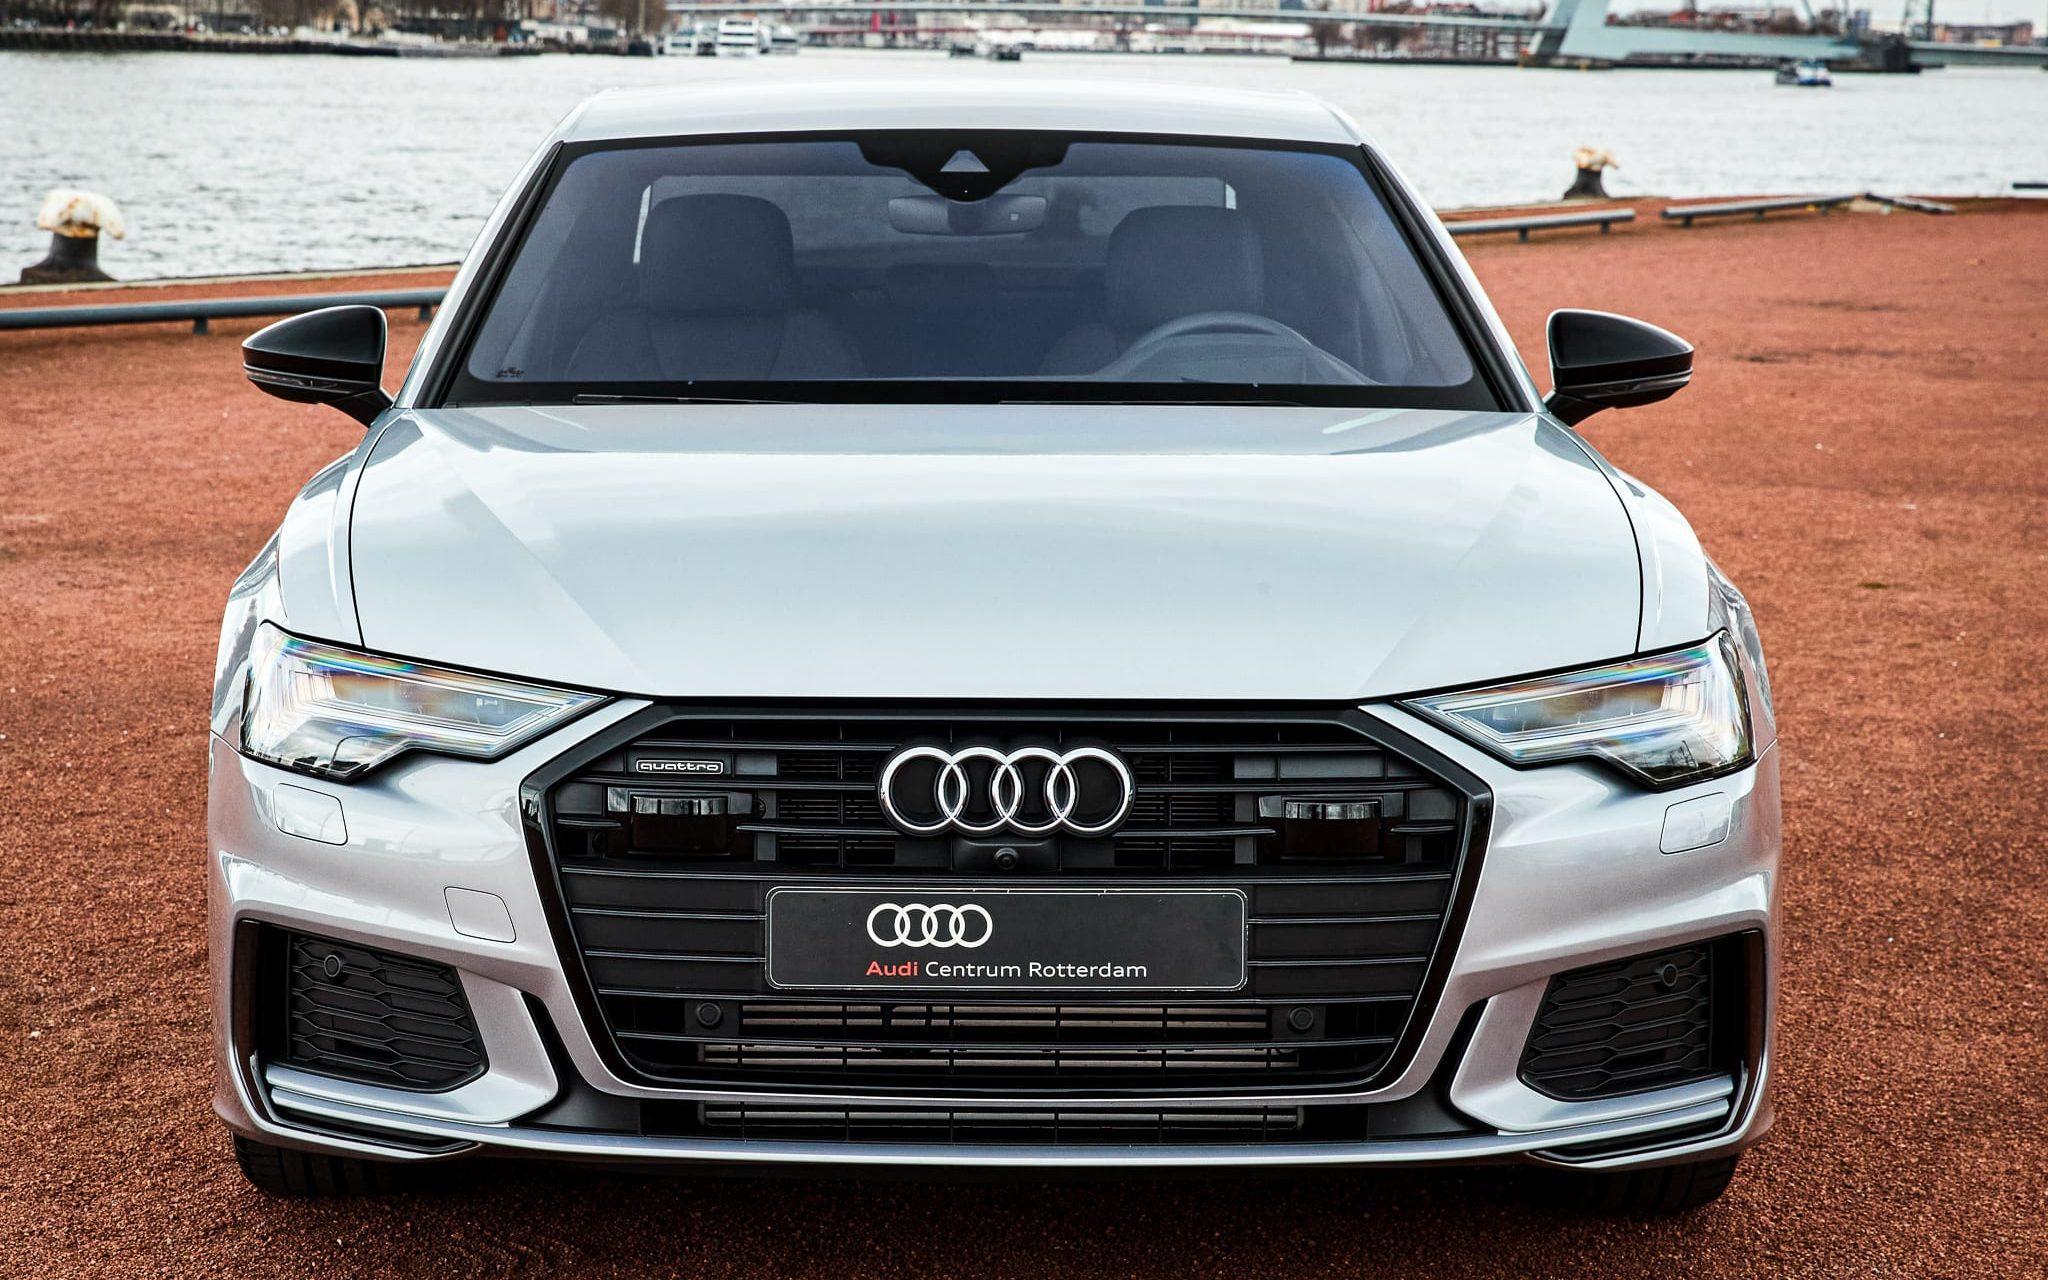 Audi A6 motoren